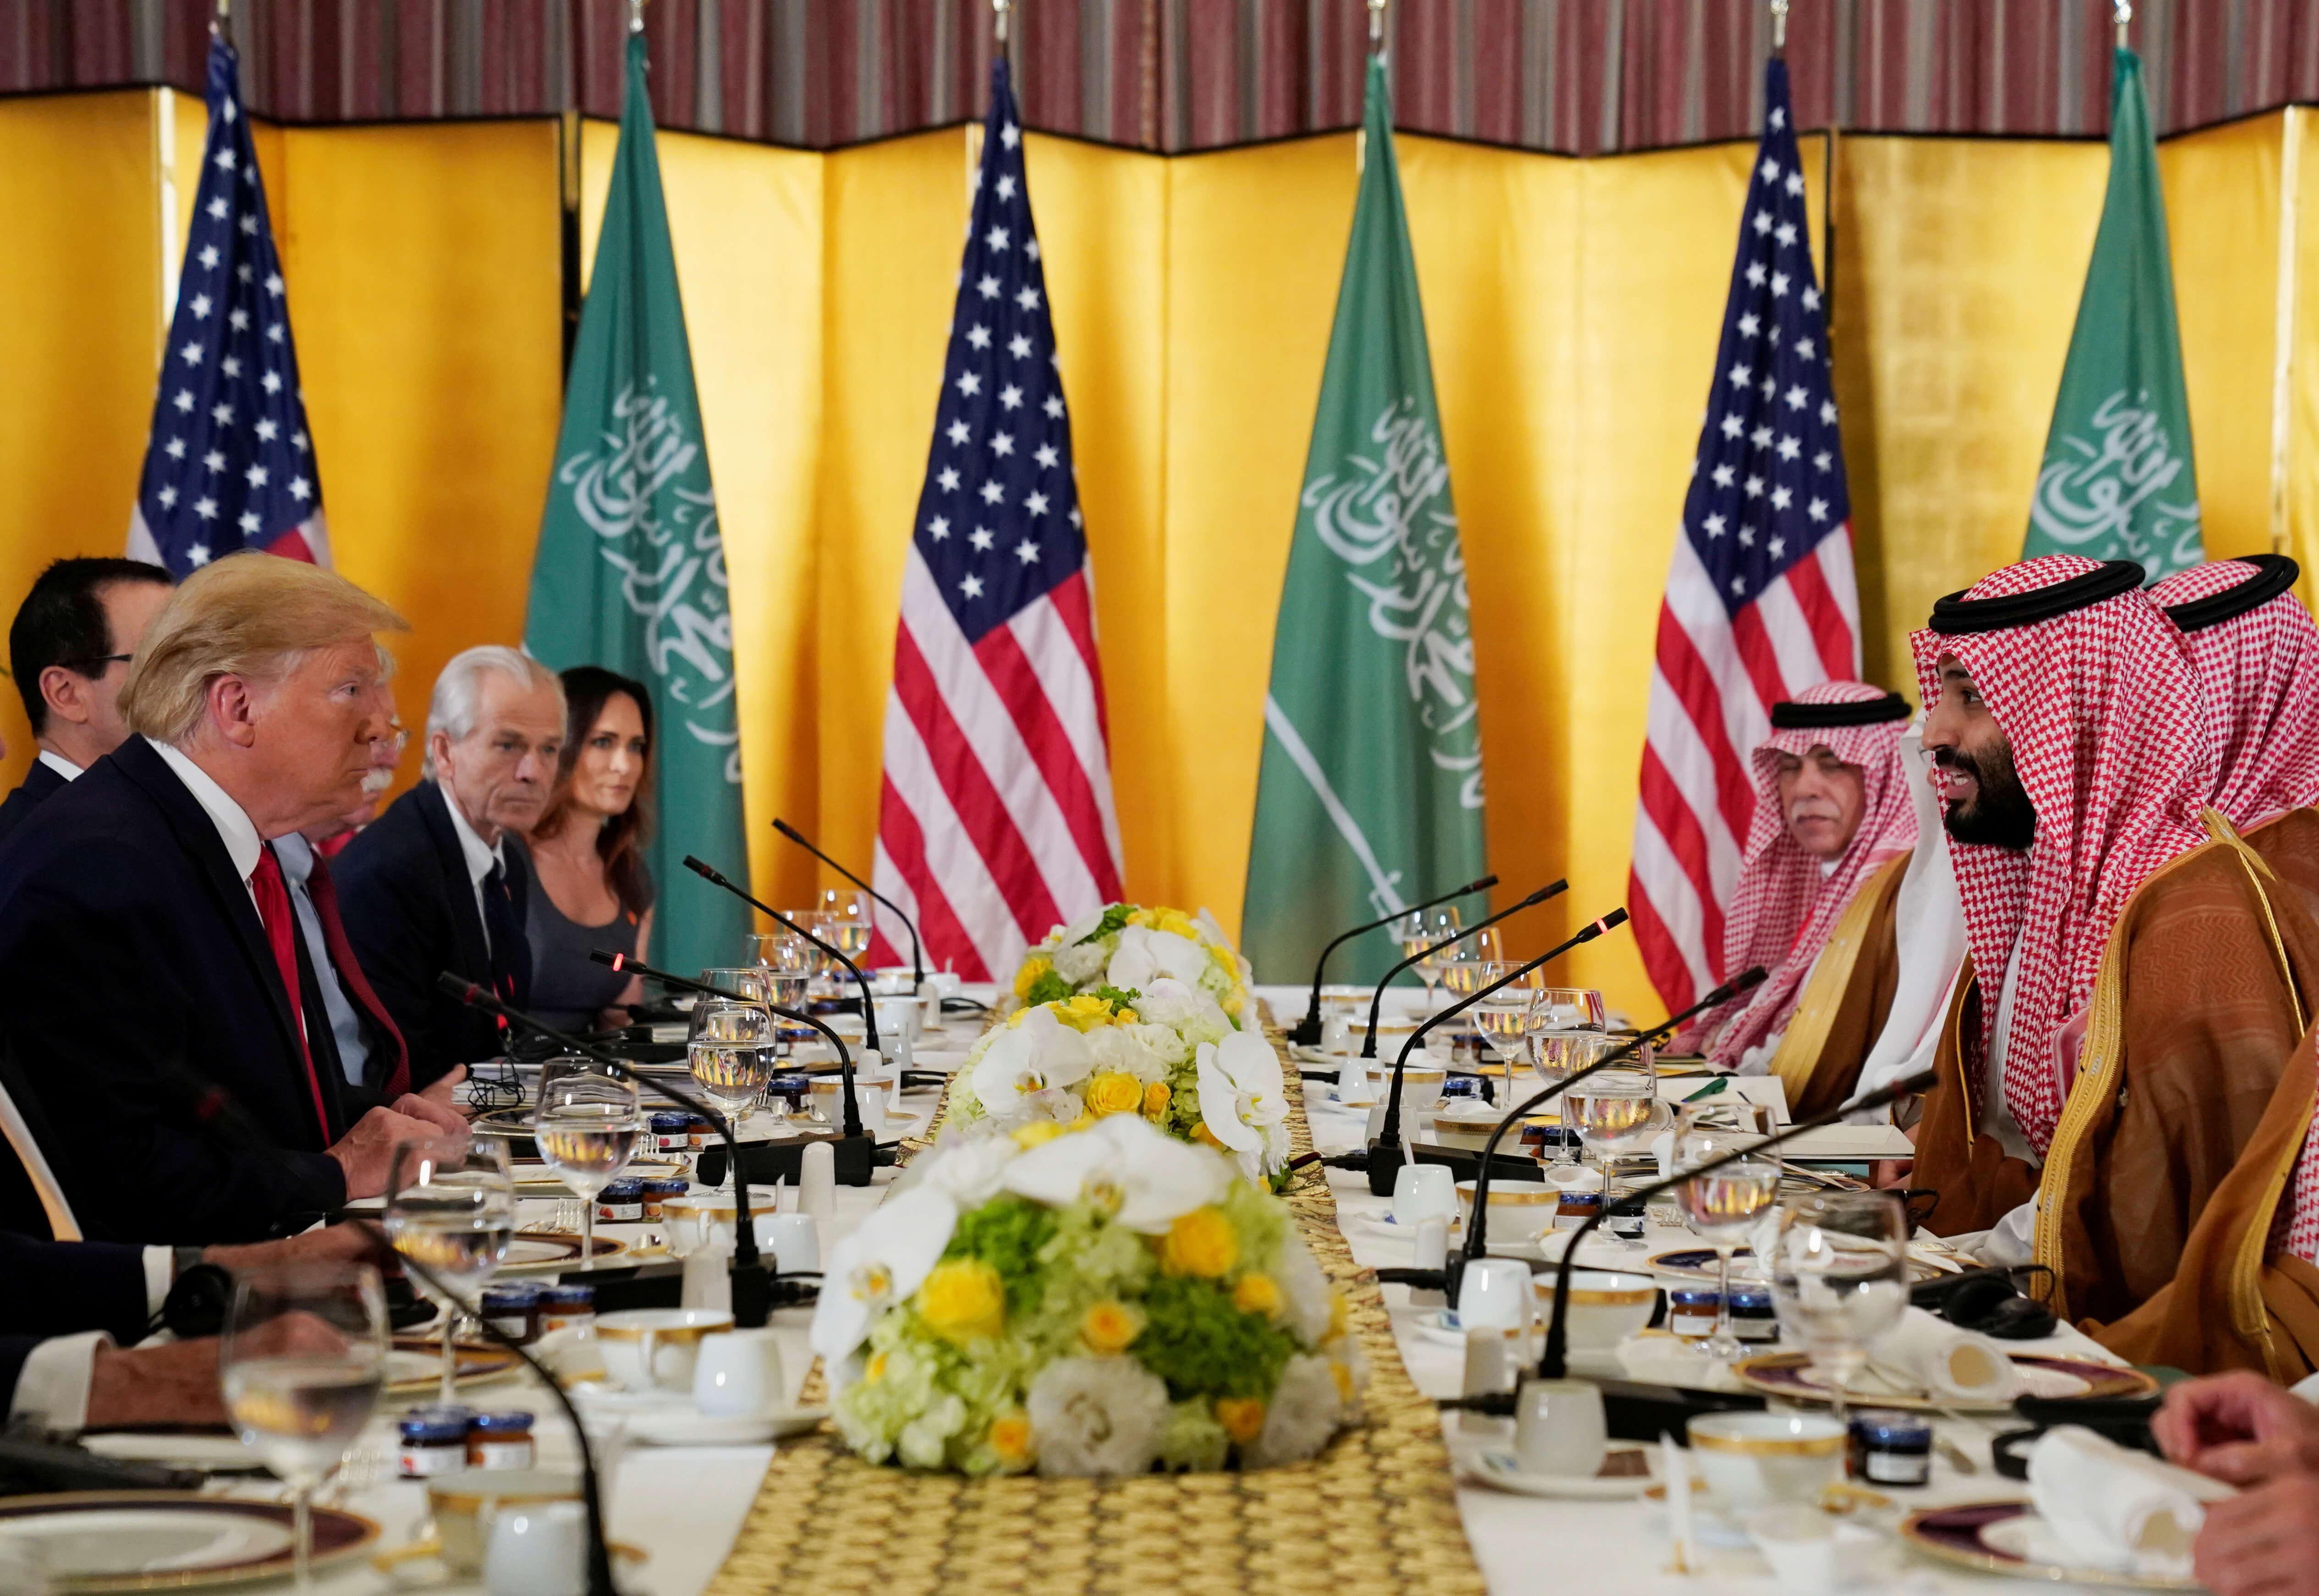 Τραμπ αποθεώνει τον Σαουδάραβα πρίγκιπα! Δεν απάντησε στις ερωτήσεις για την δολοφονία Κασόγκι